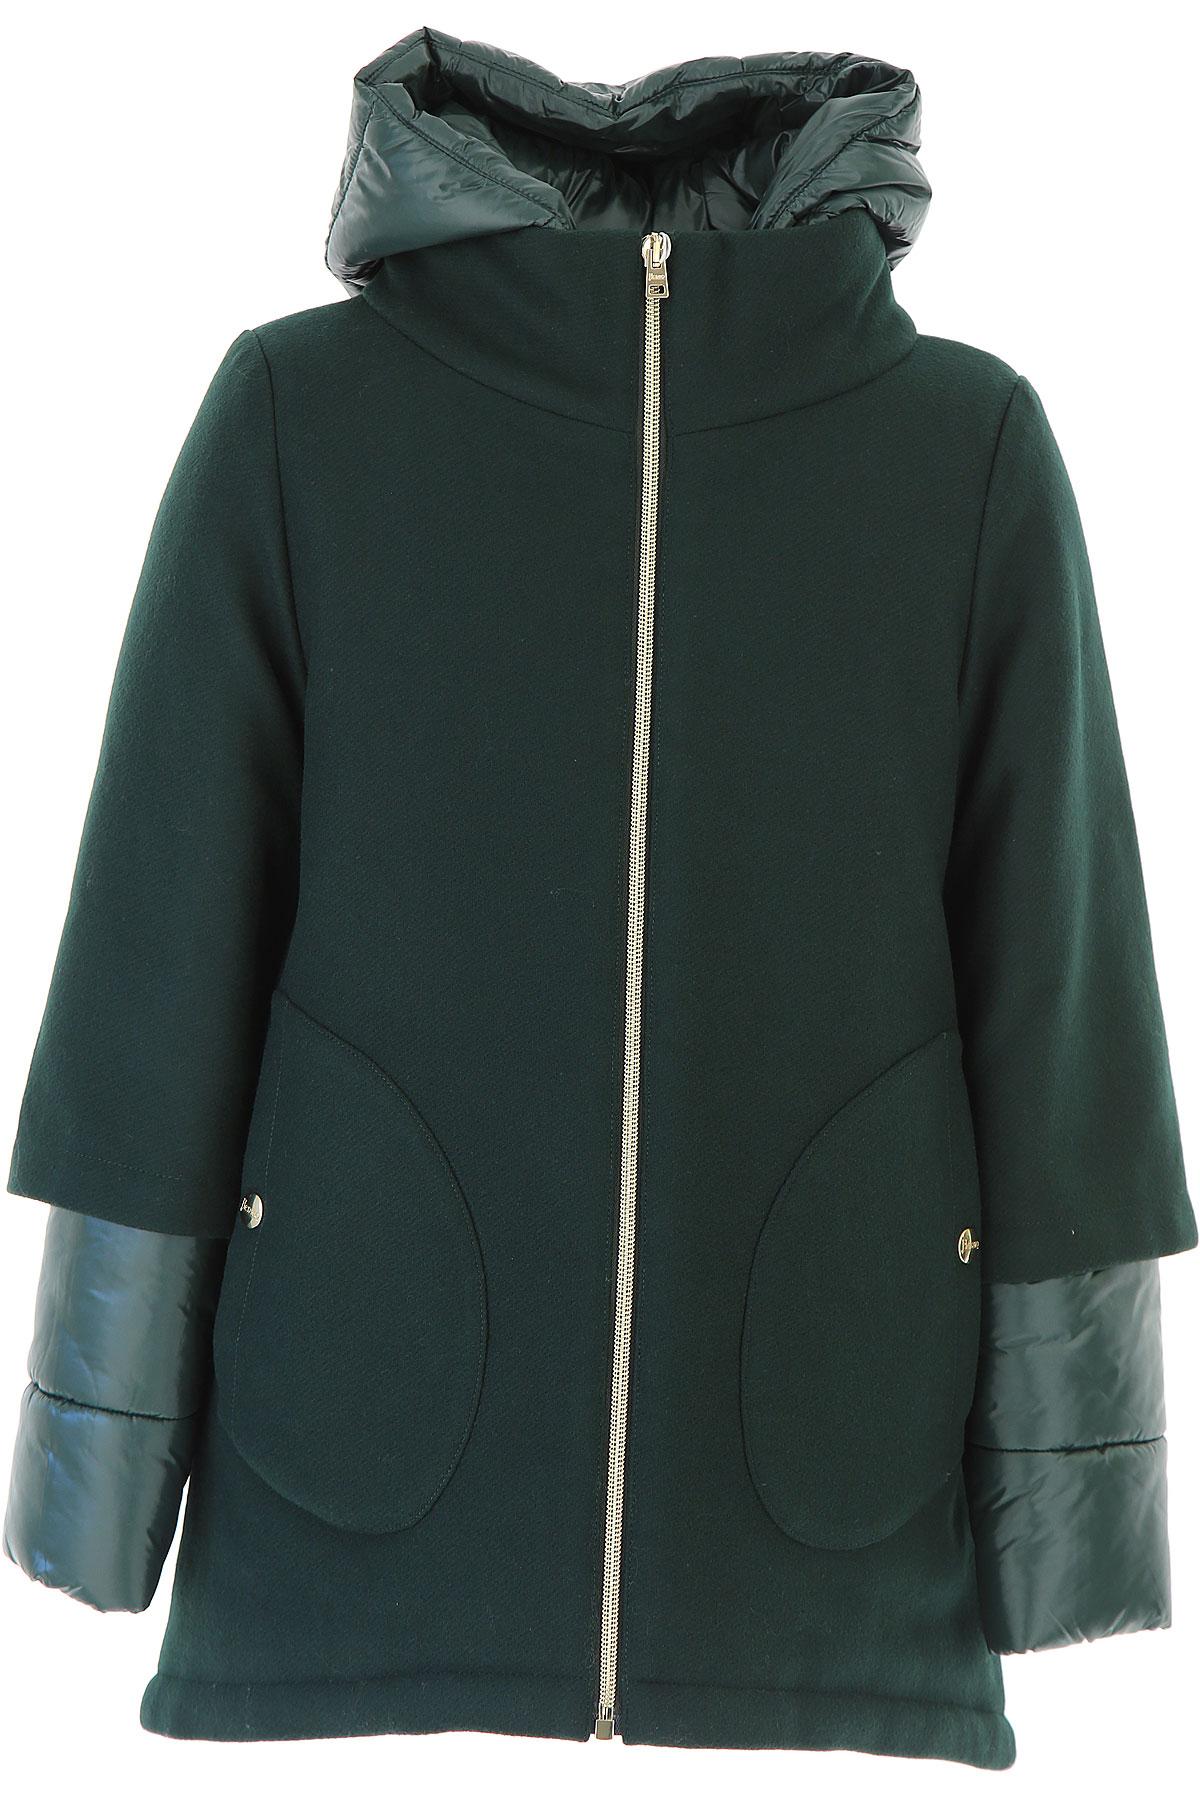 Image of Herno {DESIGNER} Kids Coat for Girls, Green, Wool, 2017, 10Y 14Y 8Y